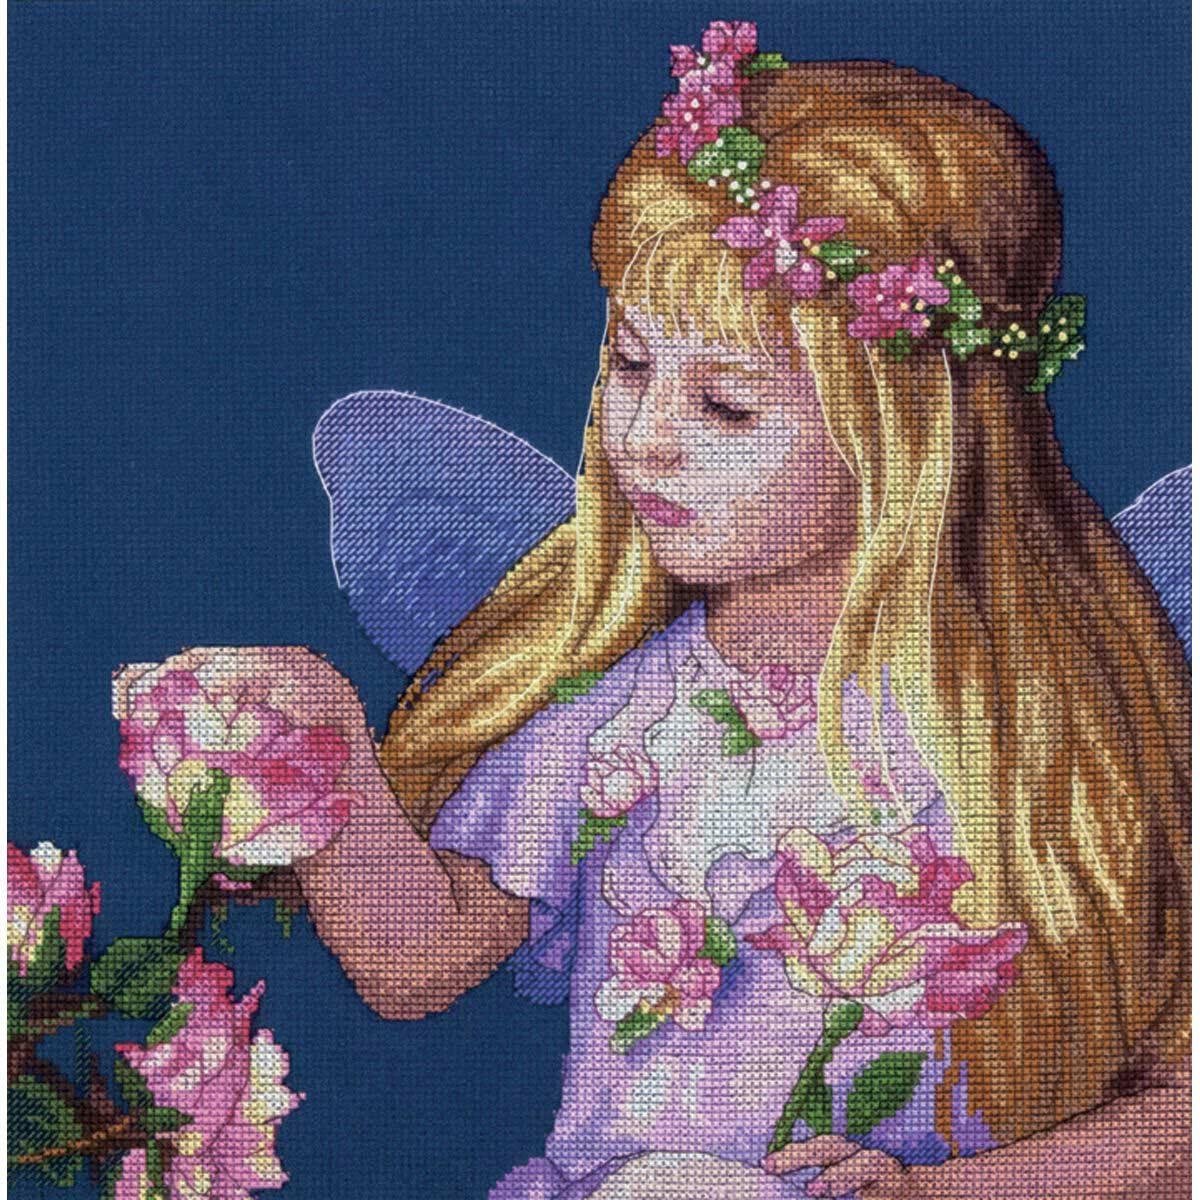 35297-70-DMS Набор для рукоделия Dimensions 'Фея цветов', 28х28 см